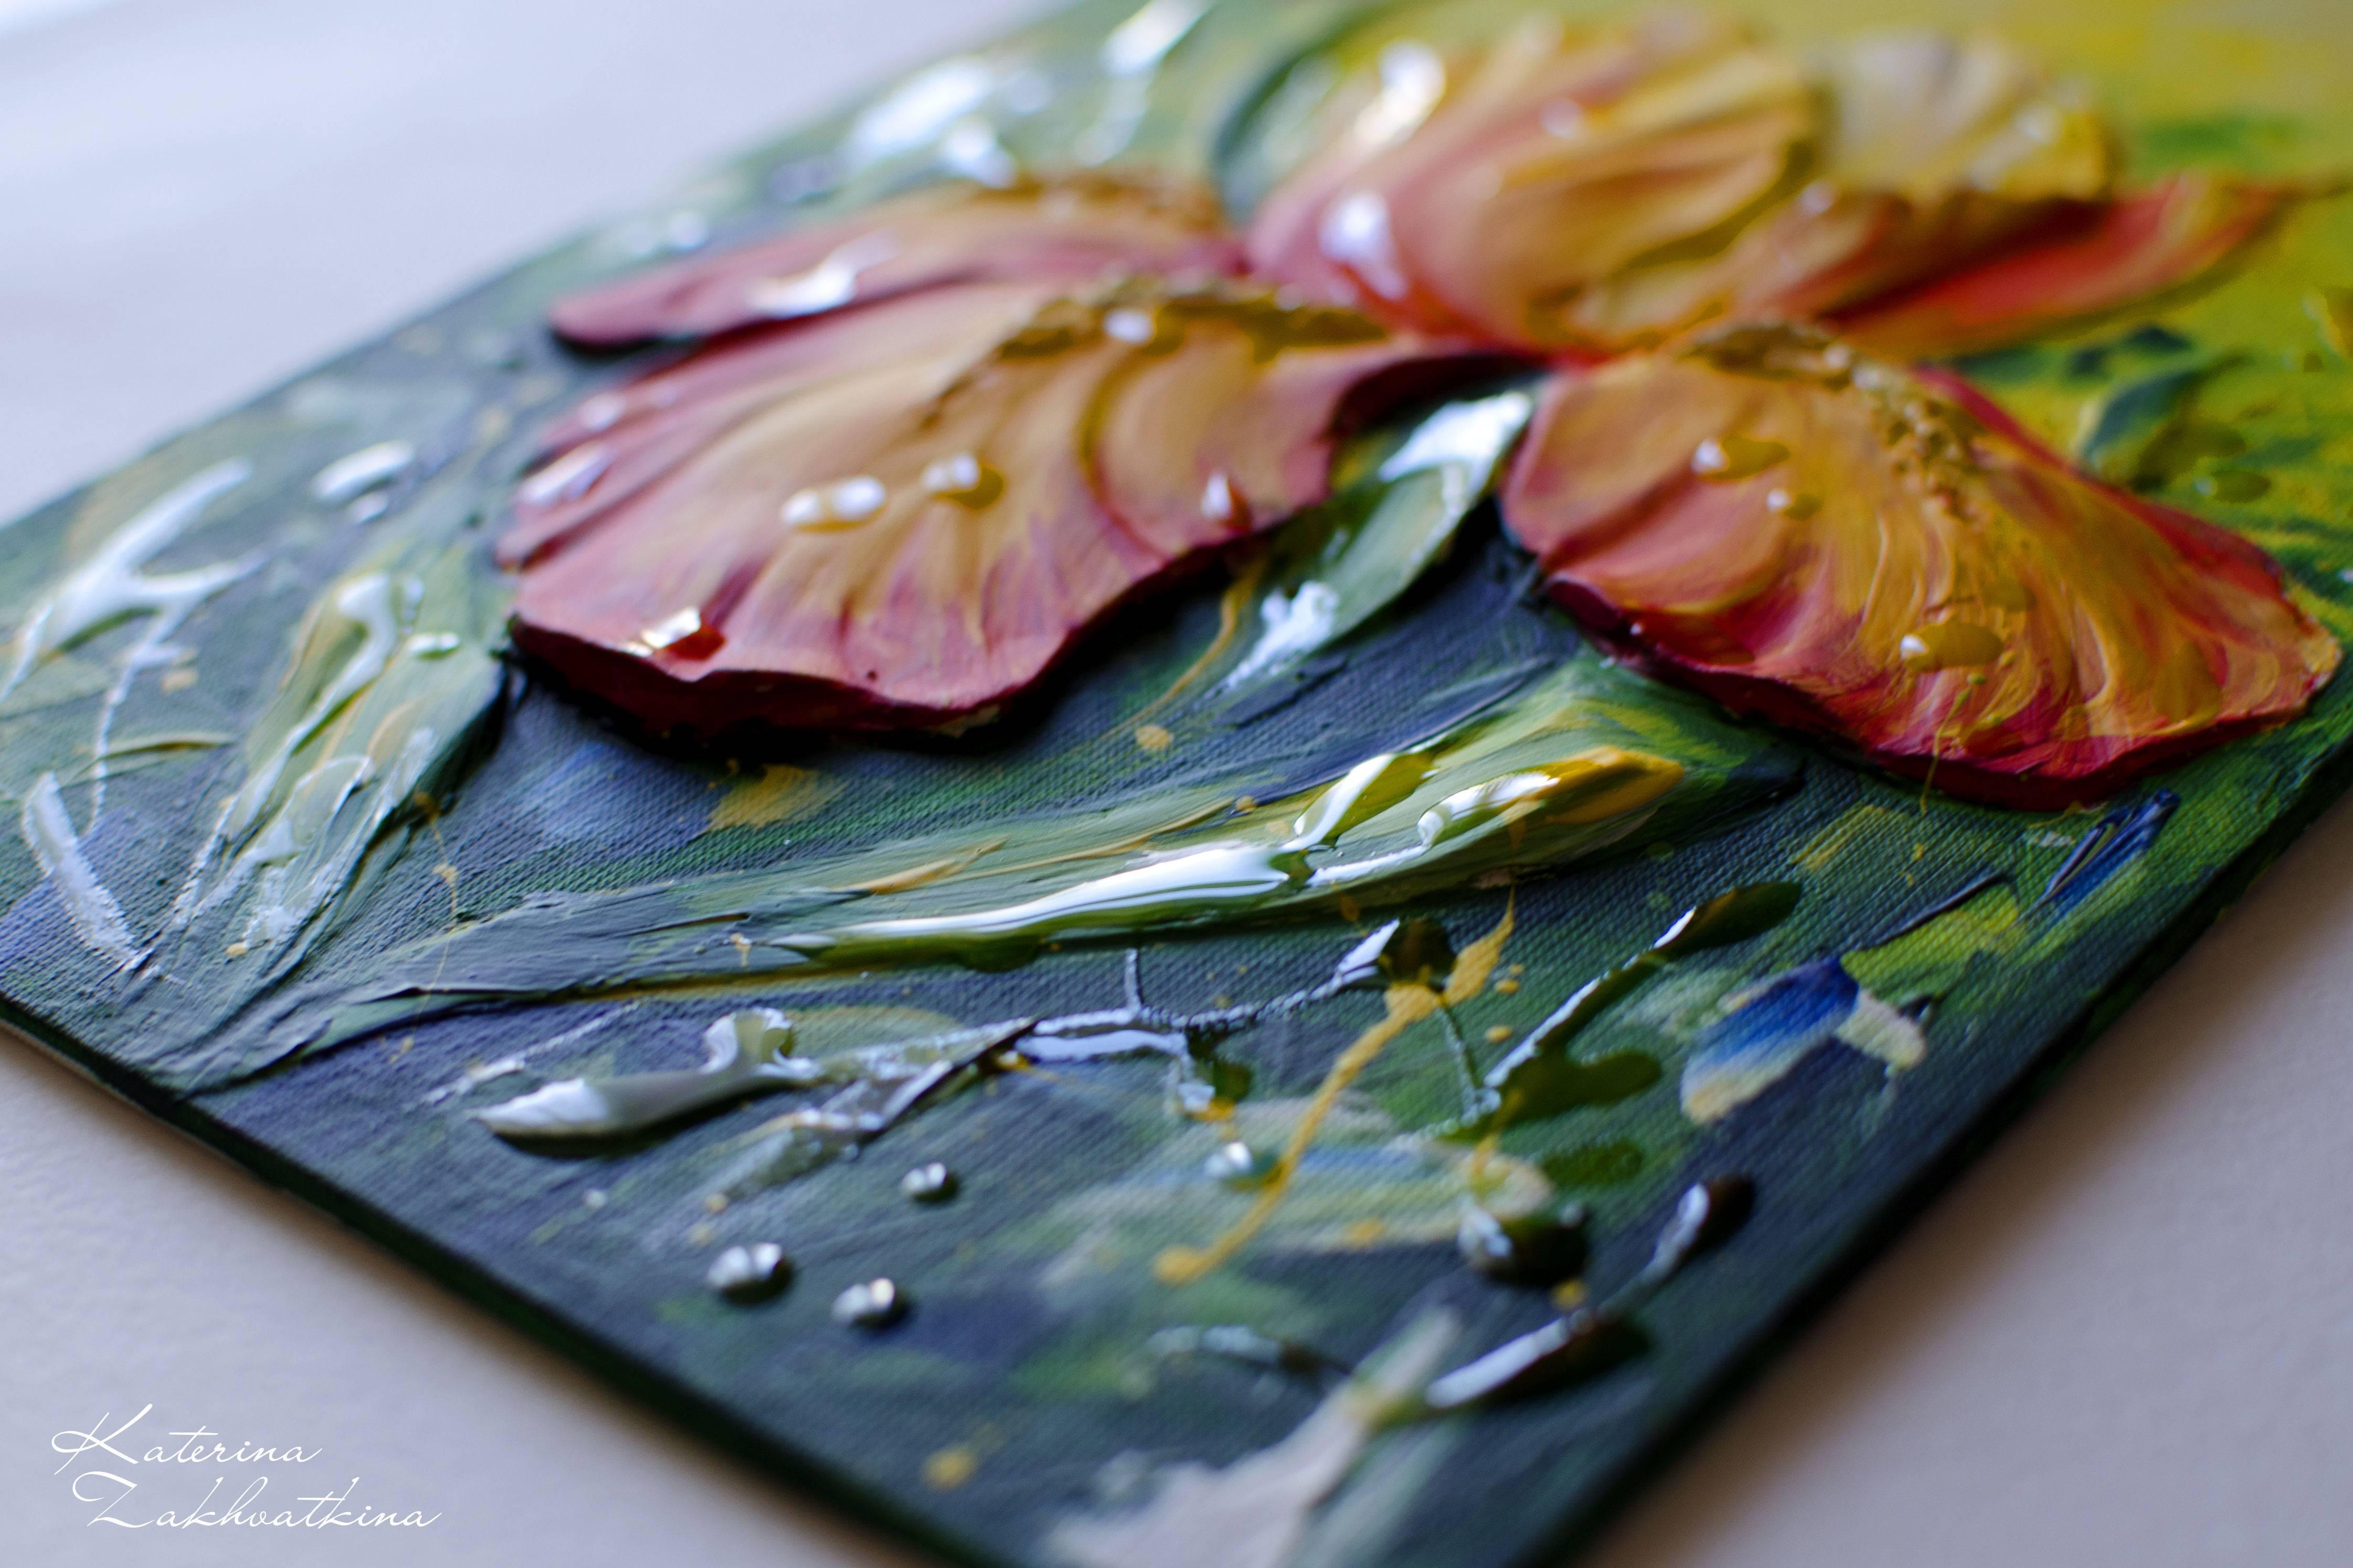 Акриловая живопись: простота акварели, возможности масла | art life виктории латка